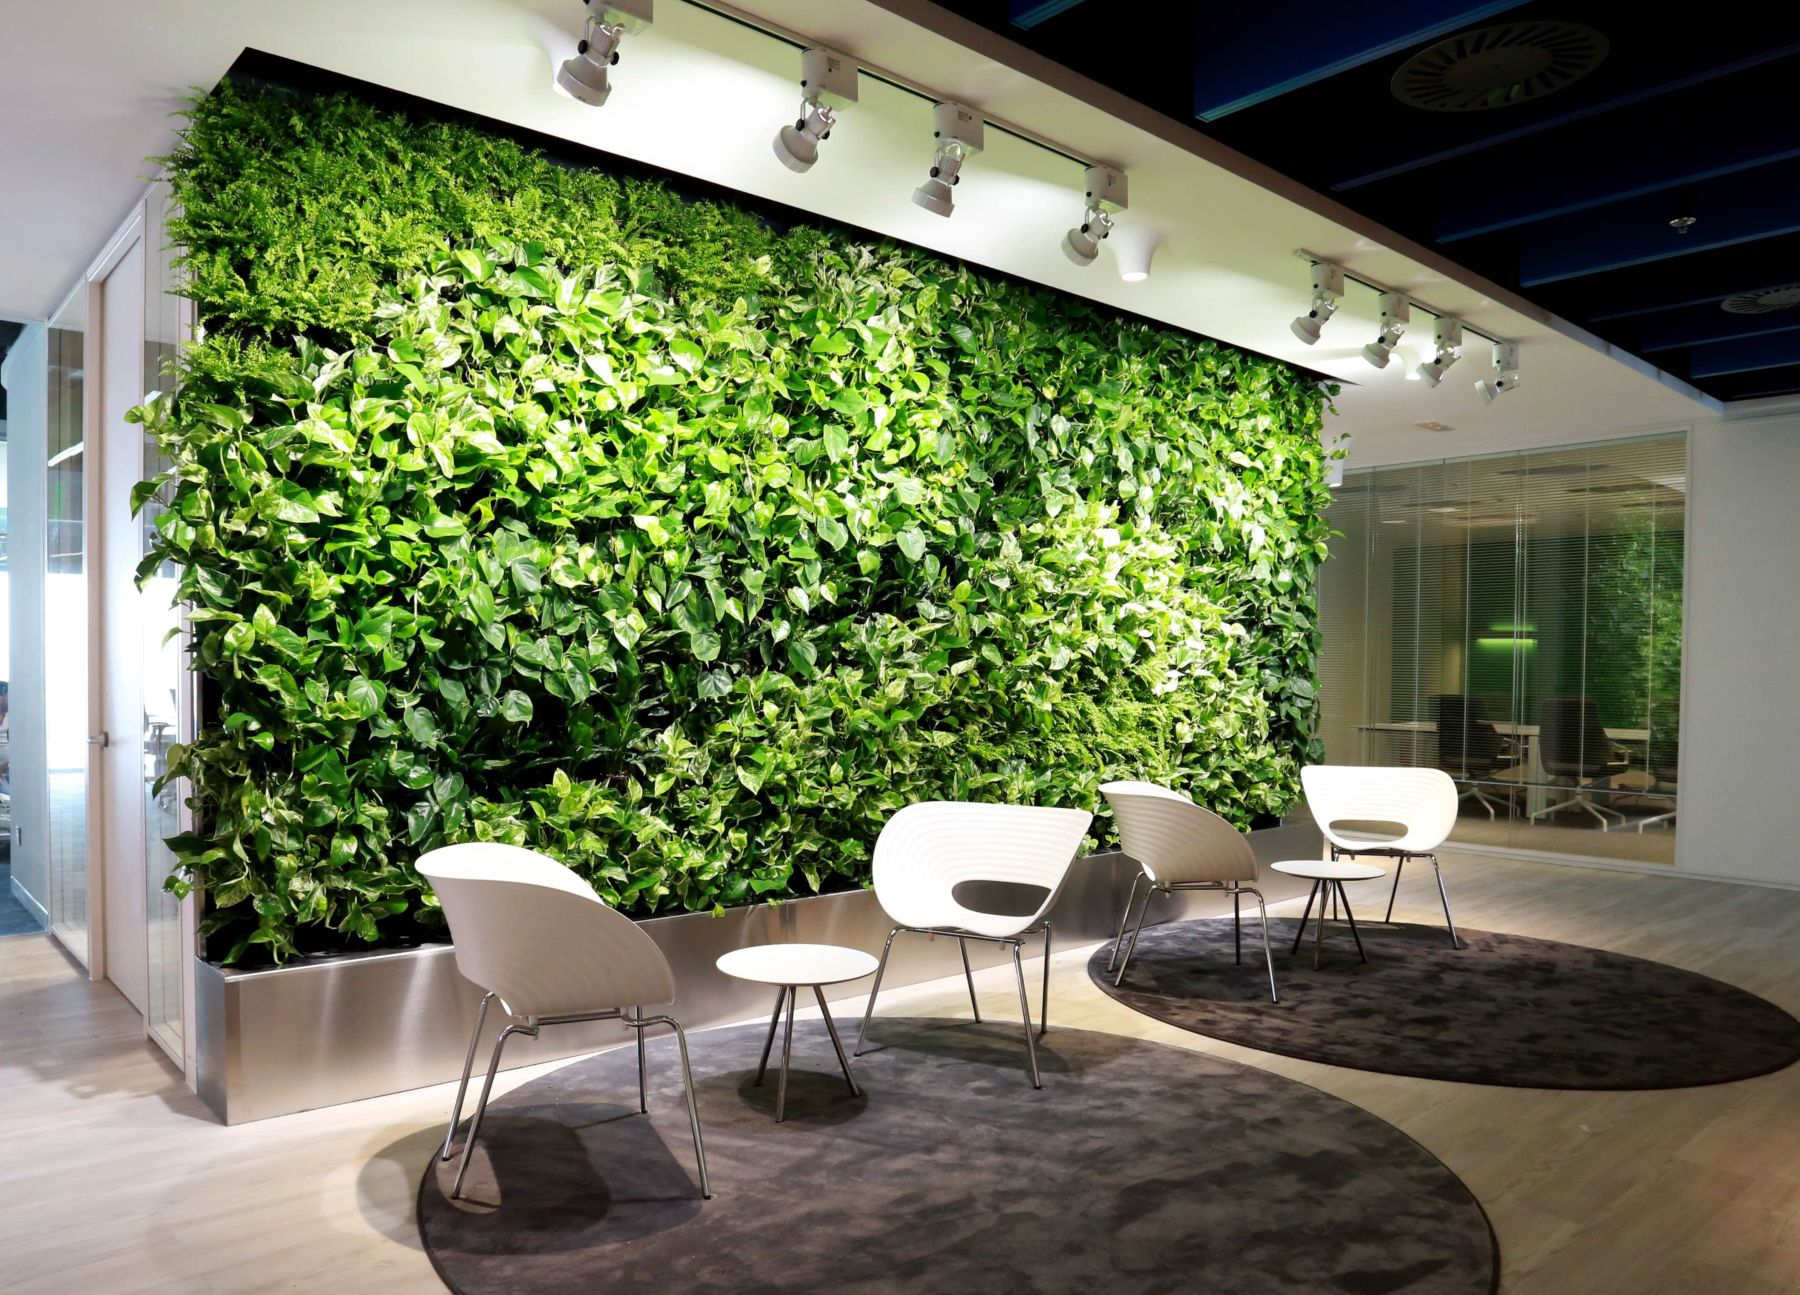 Green wall under spot lights